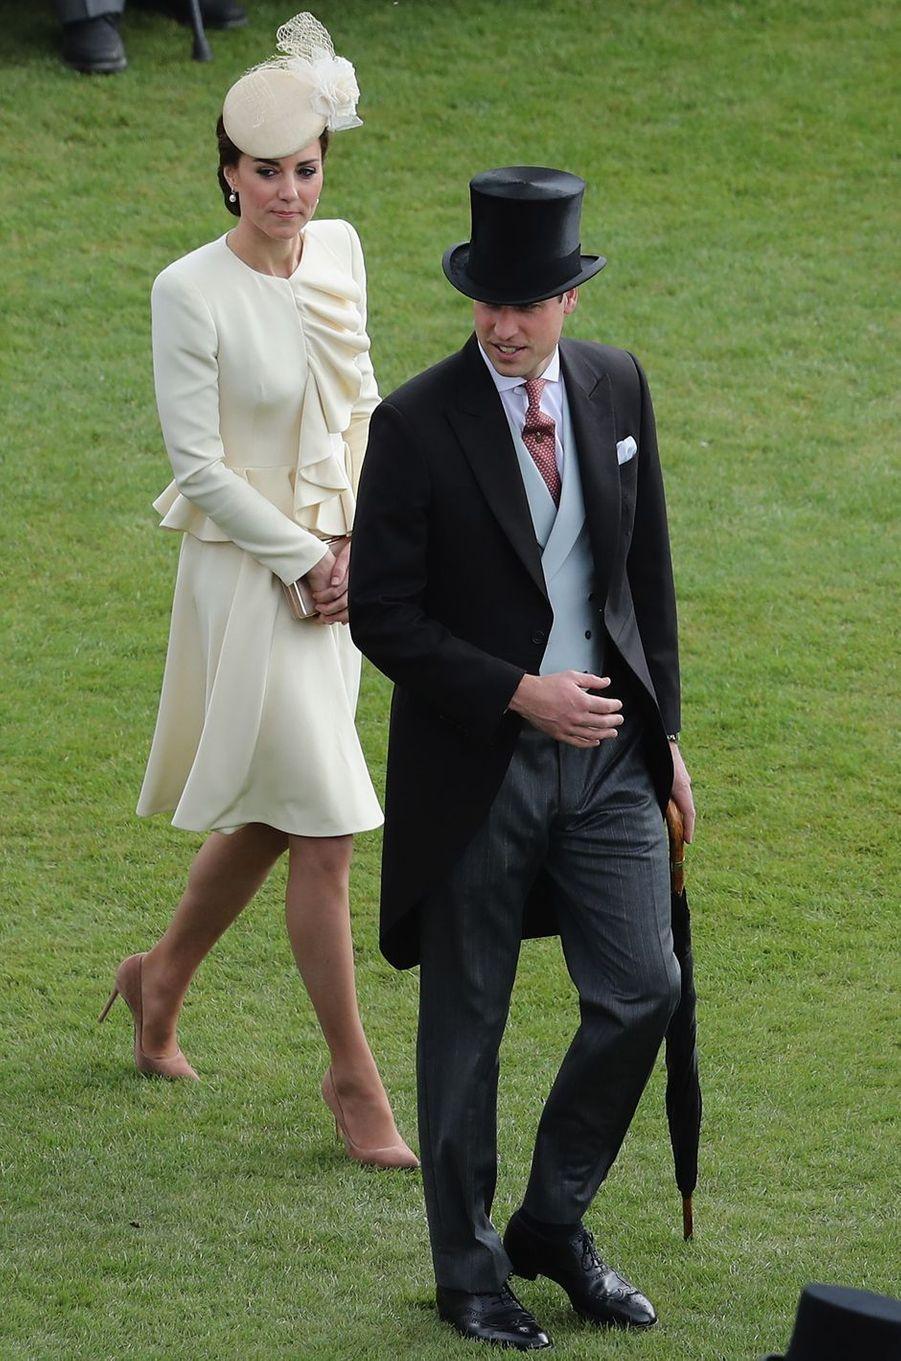 Ce mardi 24 mai, la duchesse de Cambridge née Kate Middleton, accompagnée de son mari le prince William, a pris part à la dernière des garden-partys de la reine Elizabeth II à Buckingham Palace, avec des invités qui lui tenaient fort à cœur.